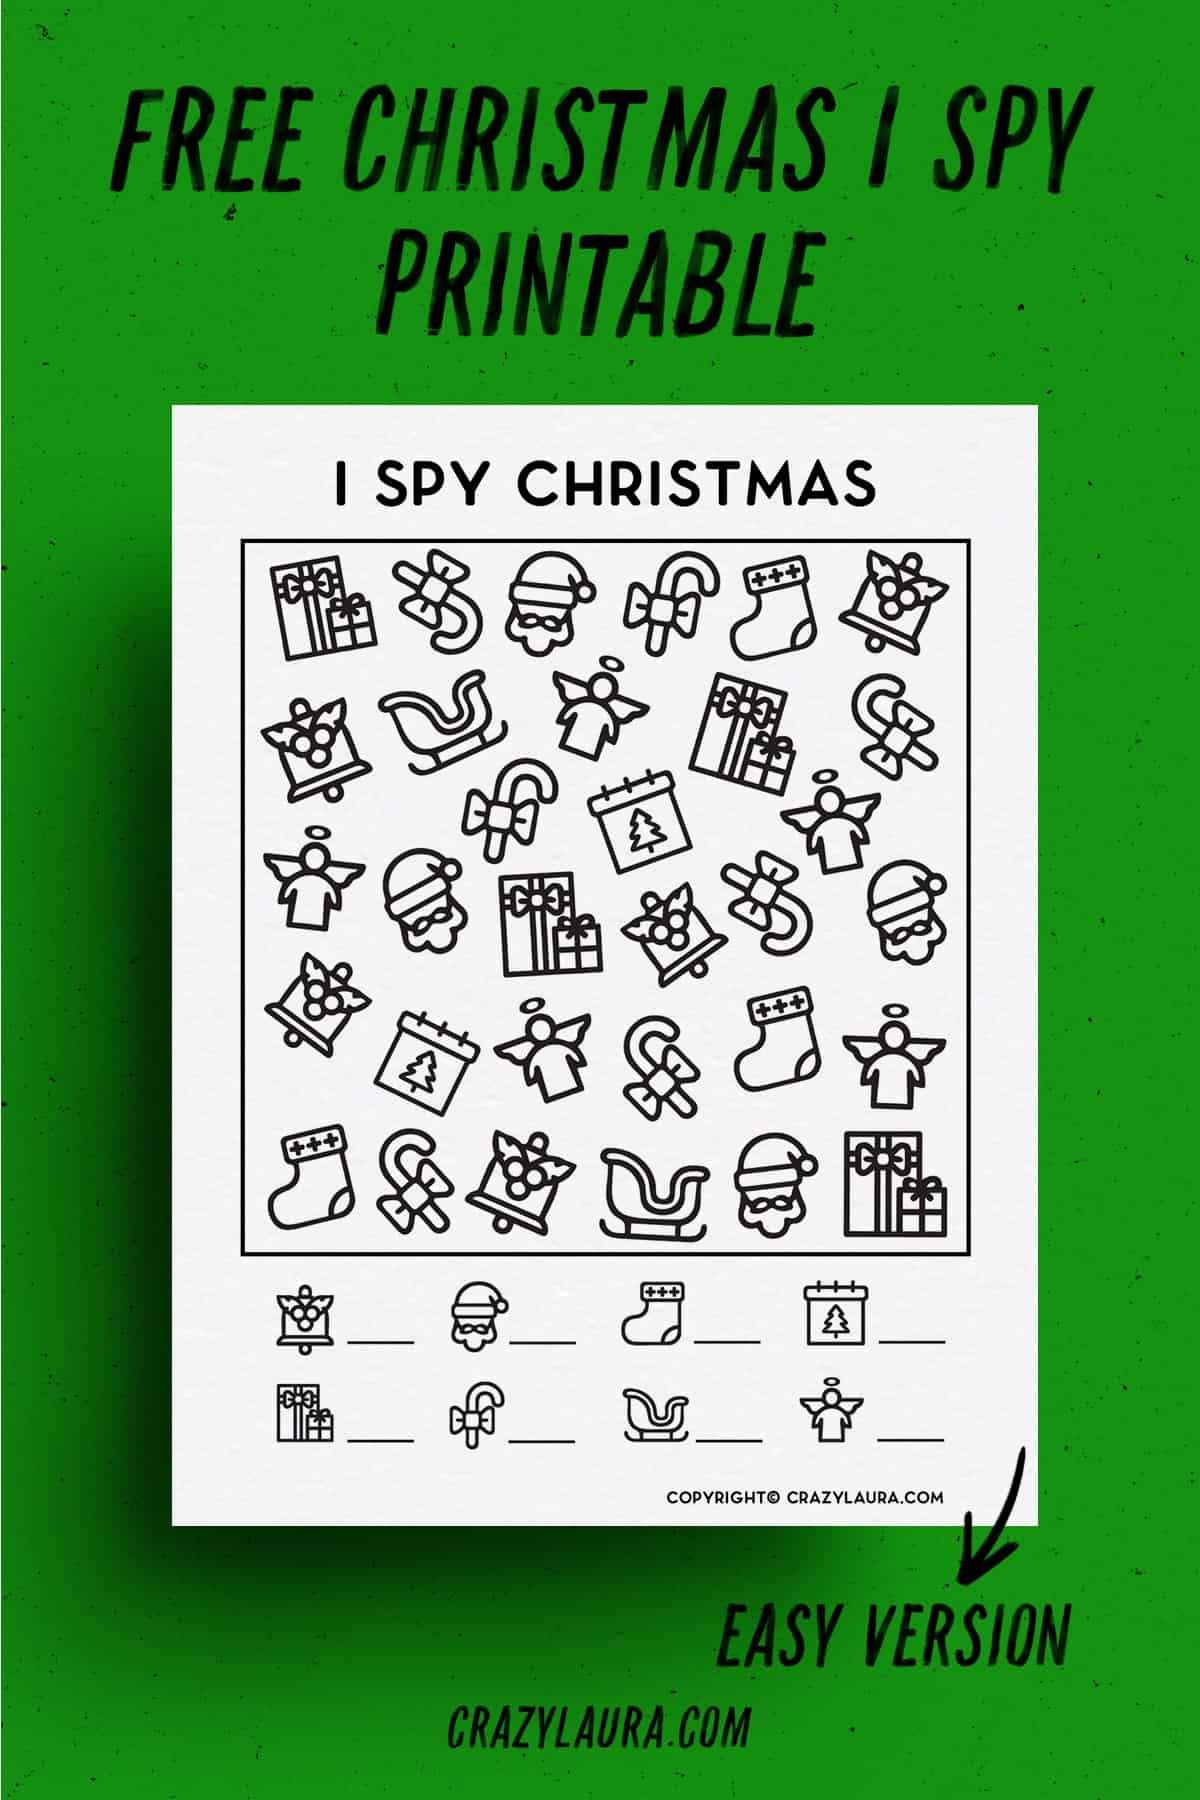 ispy christmas themed free printable game